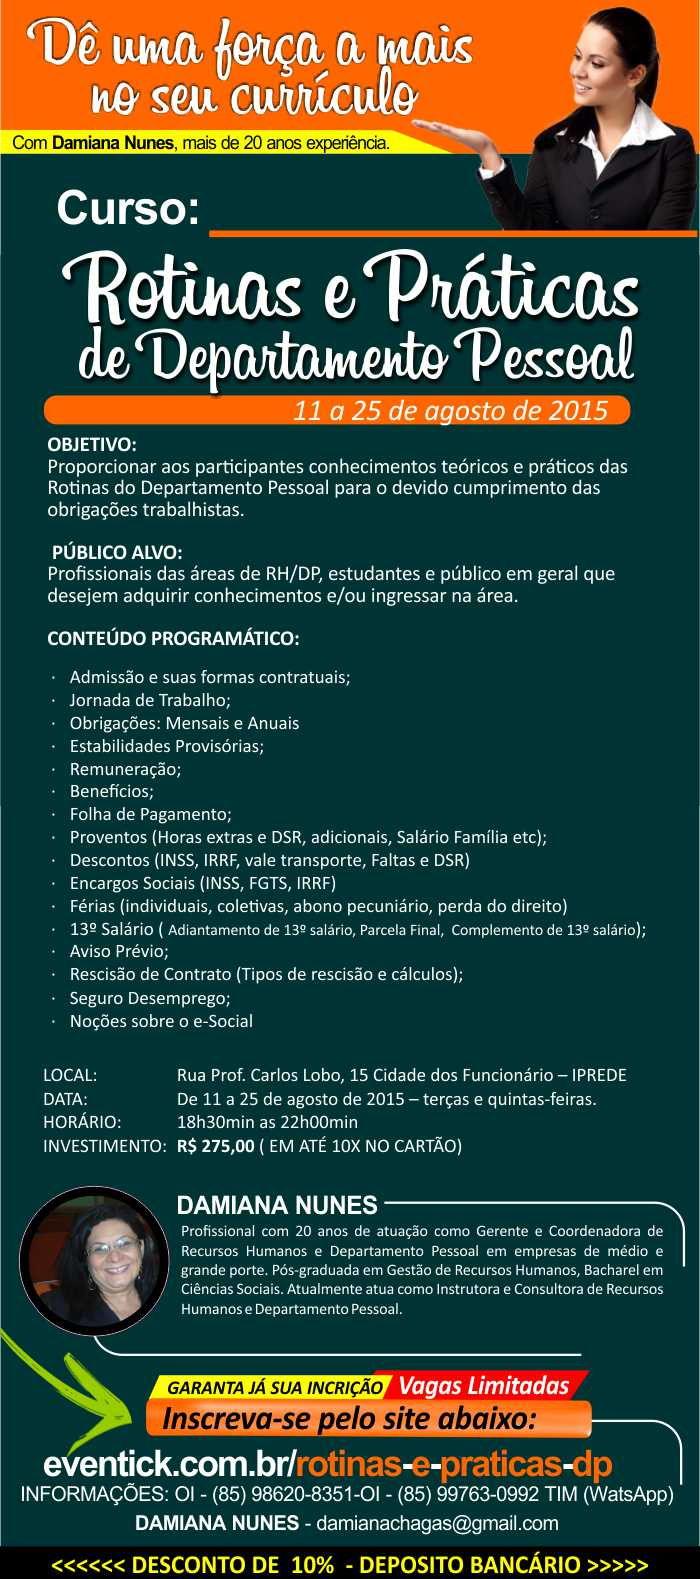 Curso_Rotinas_e_Práticas_Depart_Pessoal.jpg